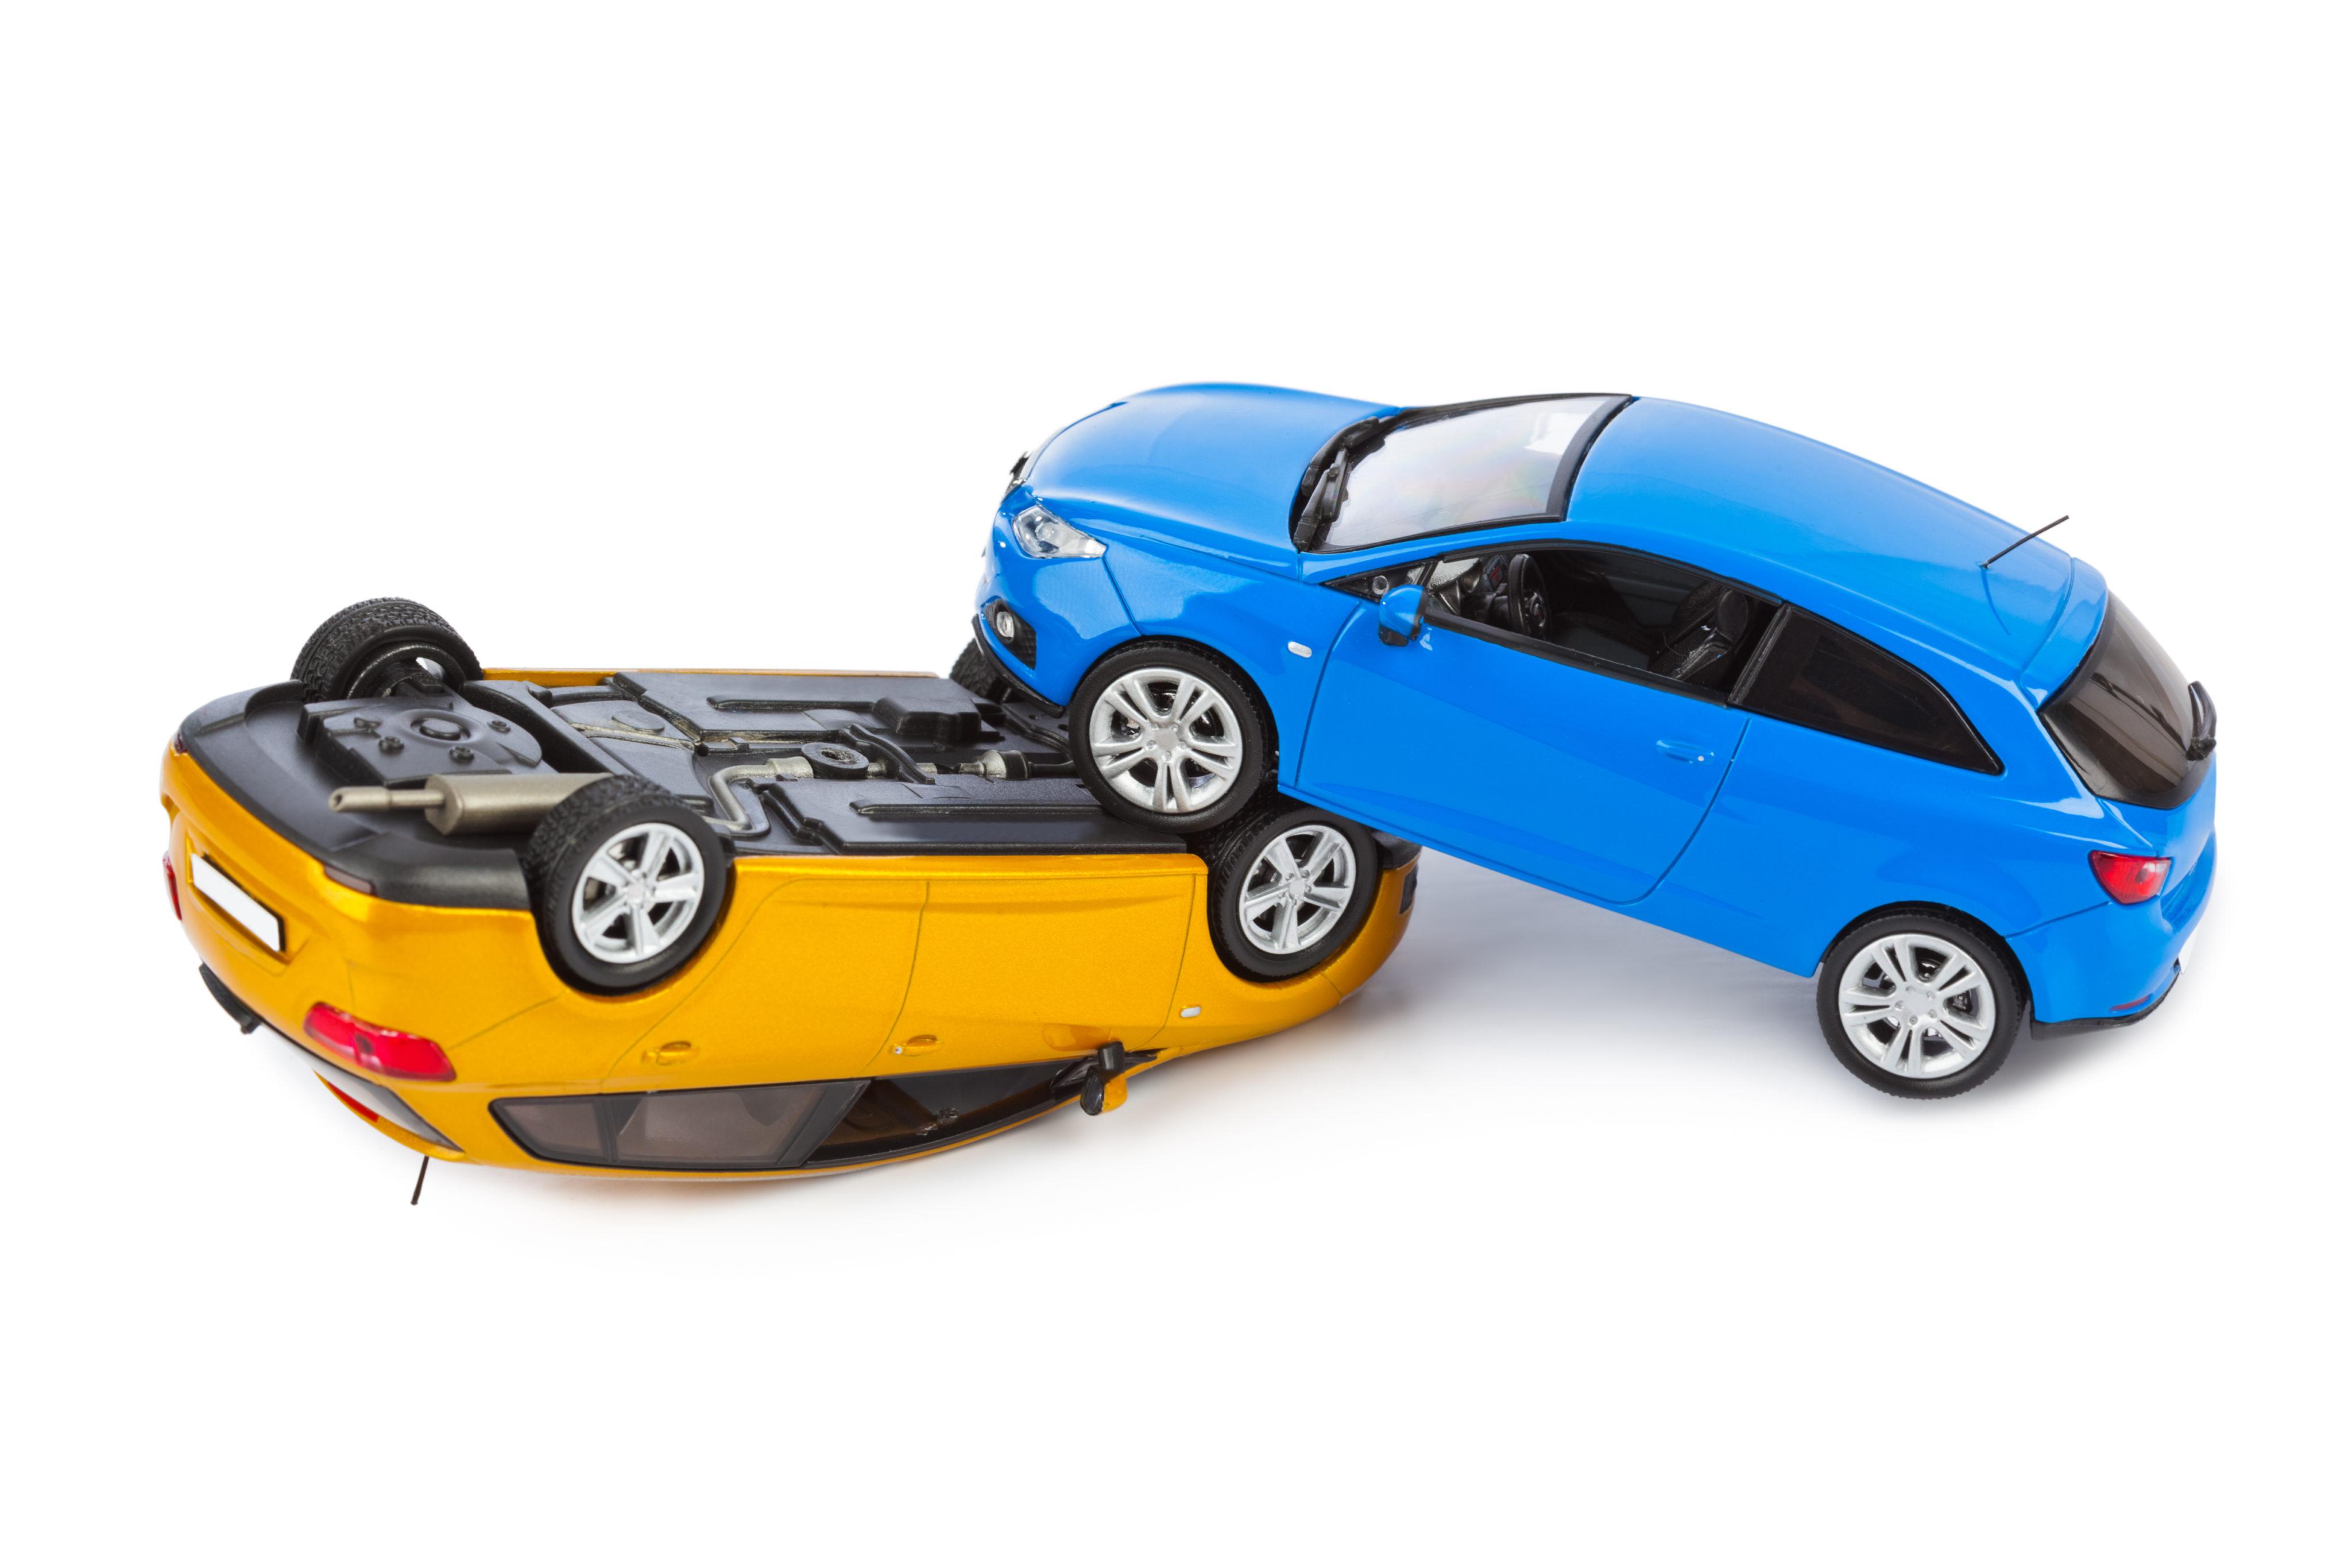 Should I Get Collision Damage Insurance For Rental Car